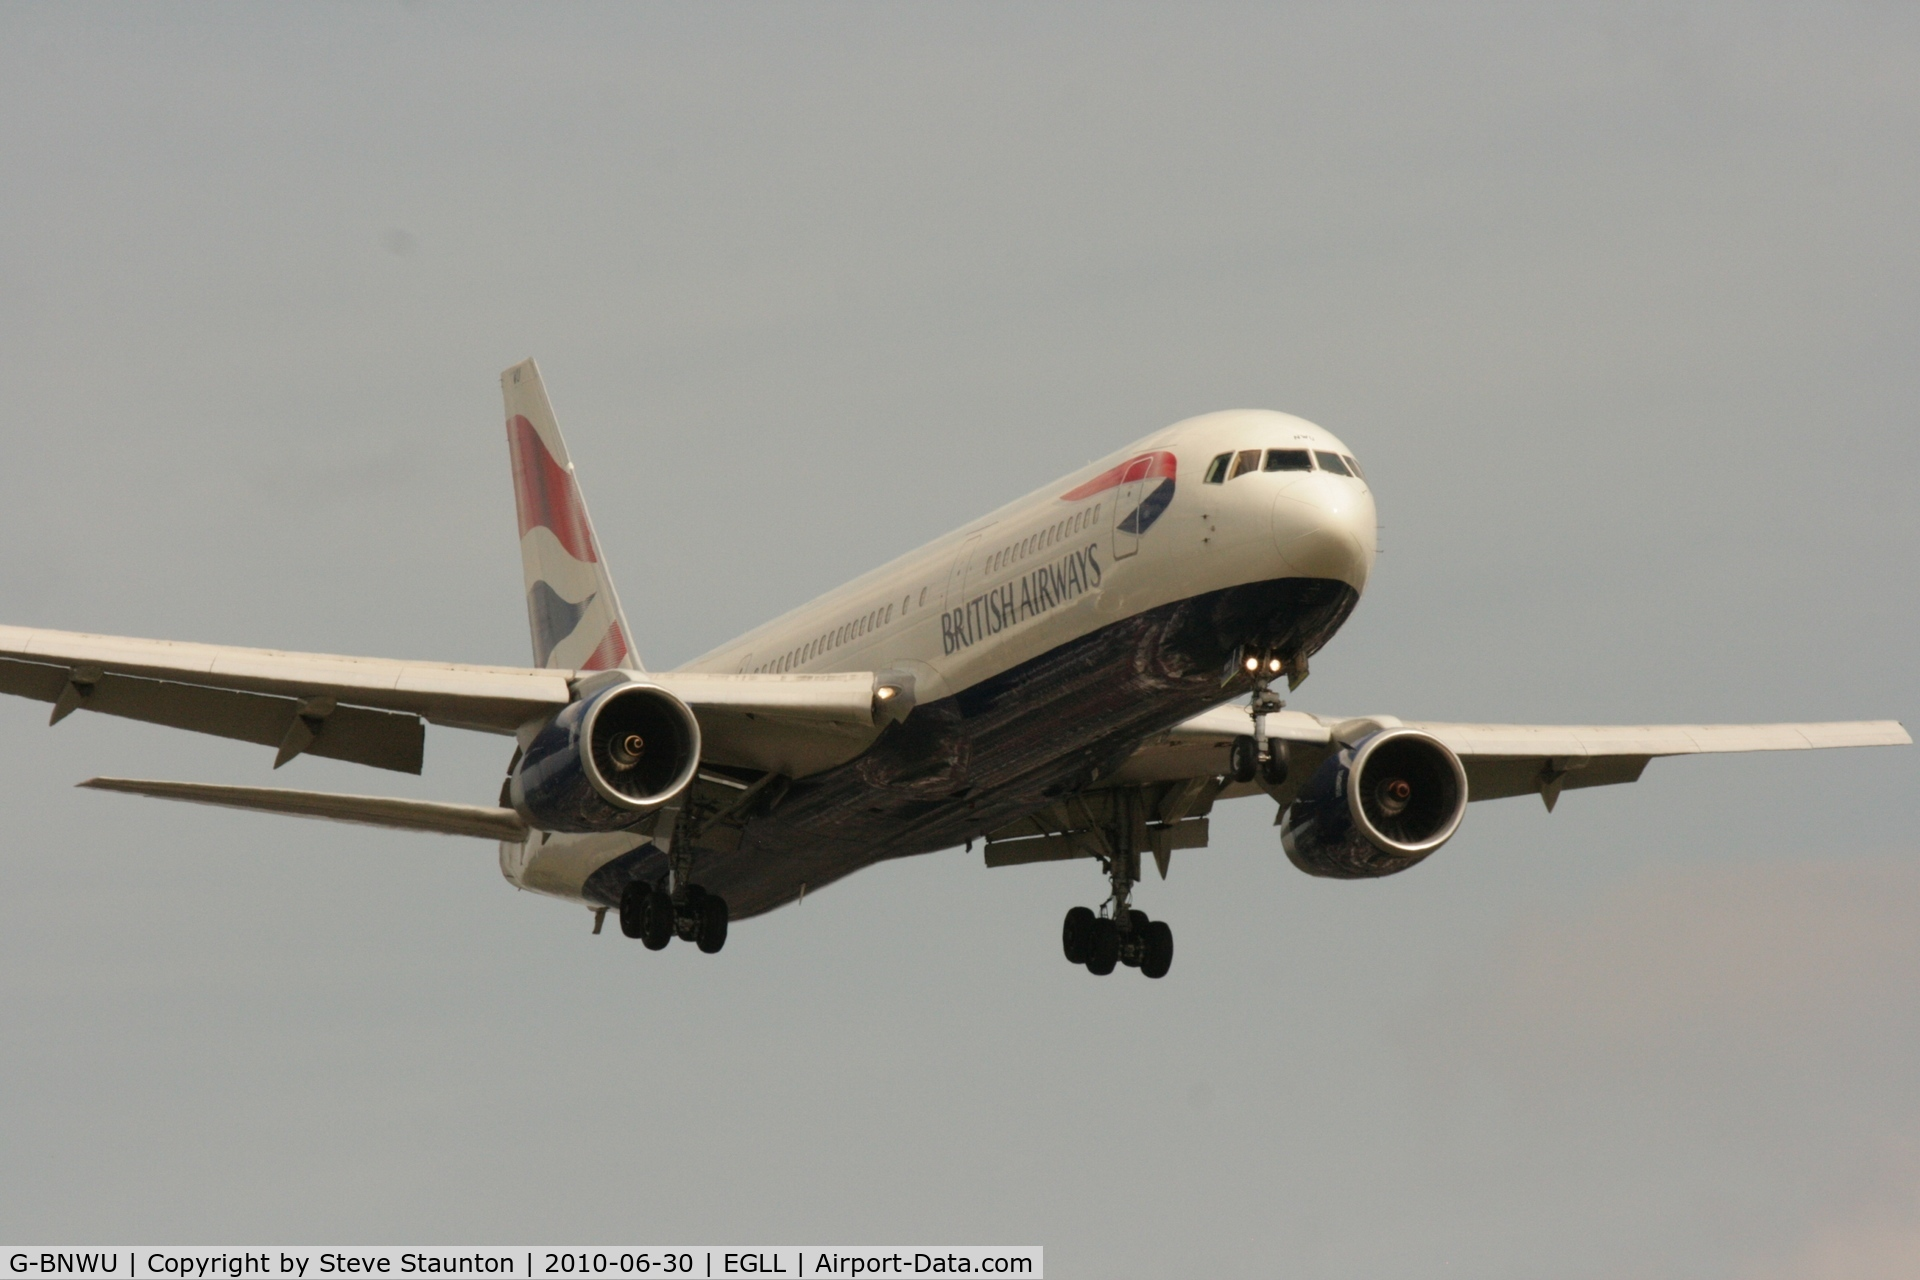 G-BNWU, 1993 Boeing 767-336 C/N 25829, Taken at Heathrow Airport, June 2010